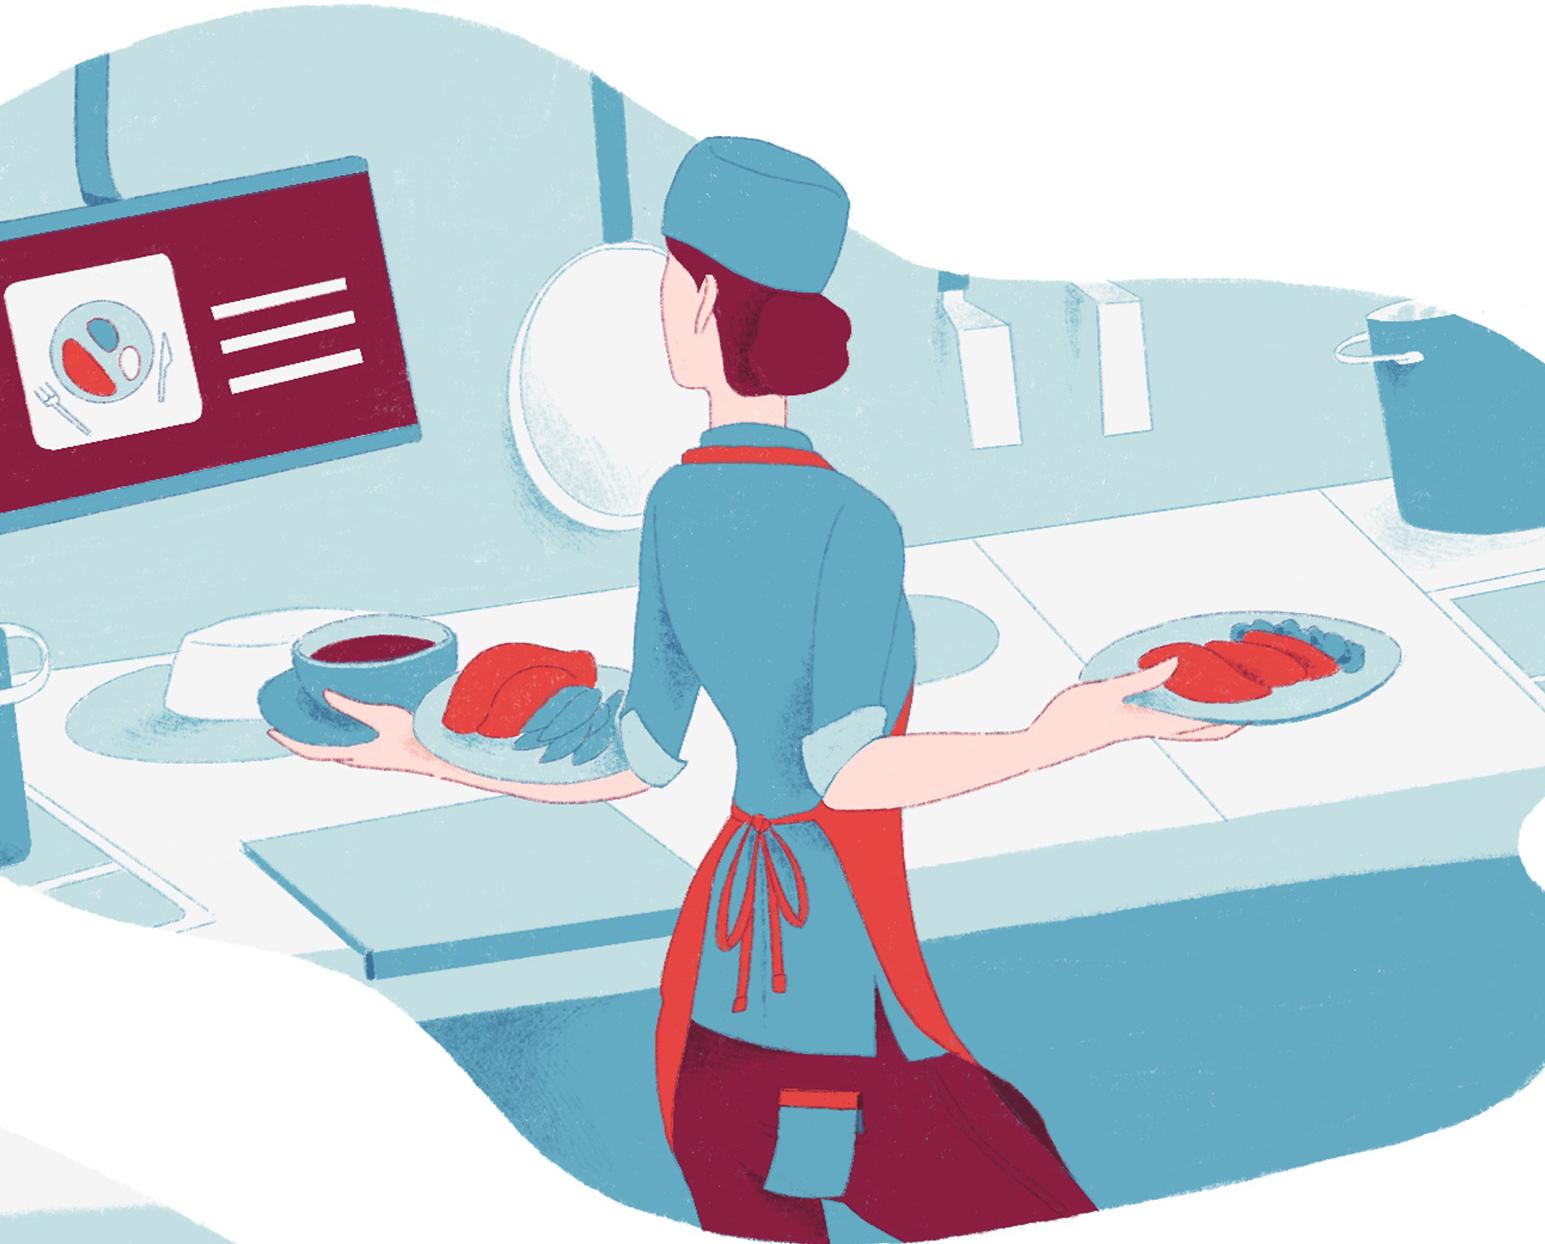 Anteprima dell'illustrazione per l'articolo sulla ristorazione ospedaliera.